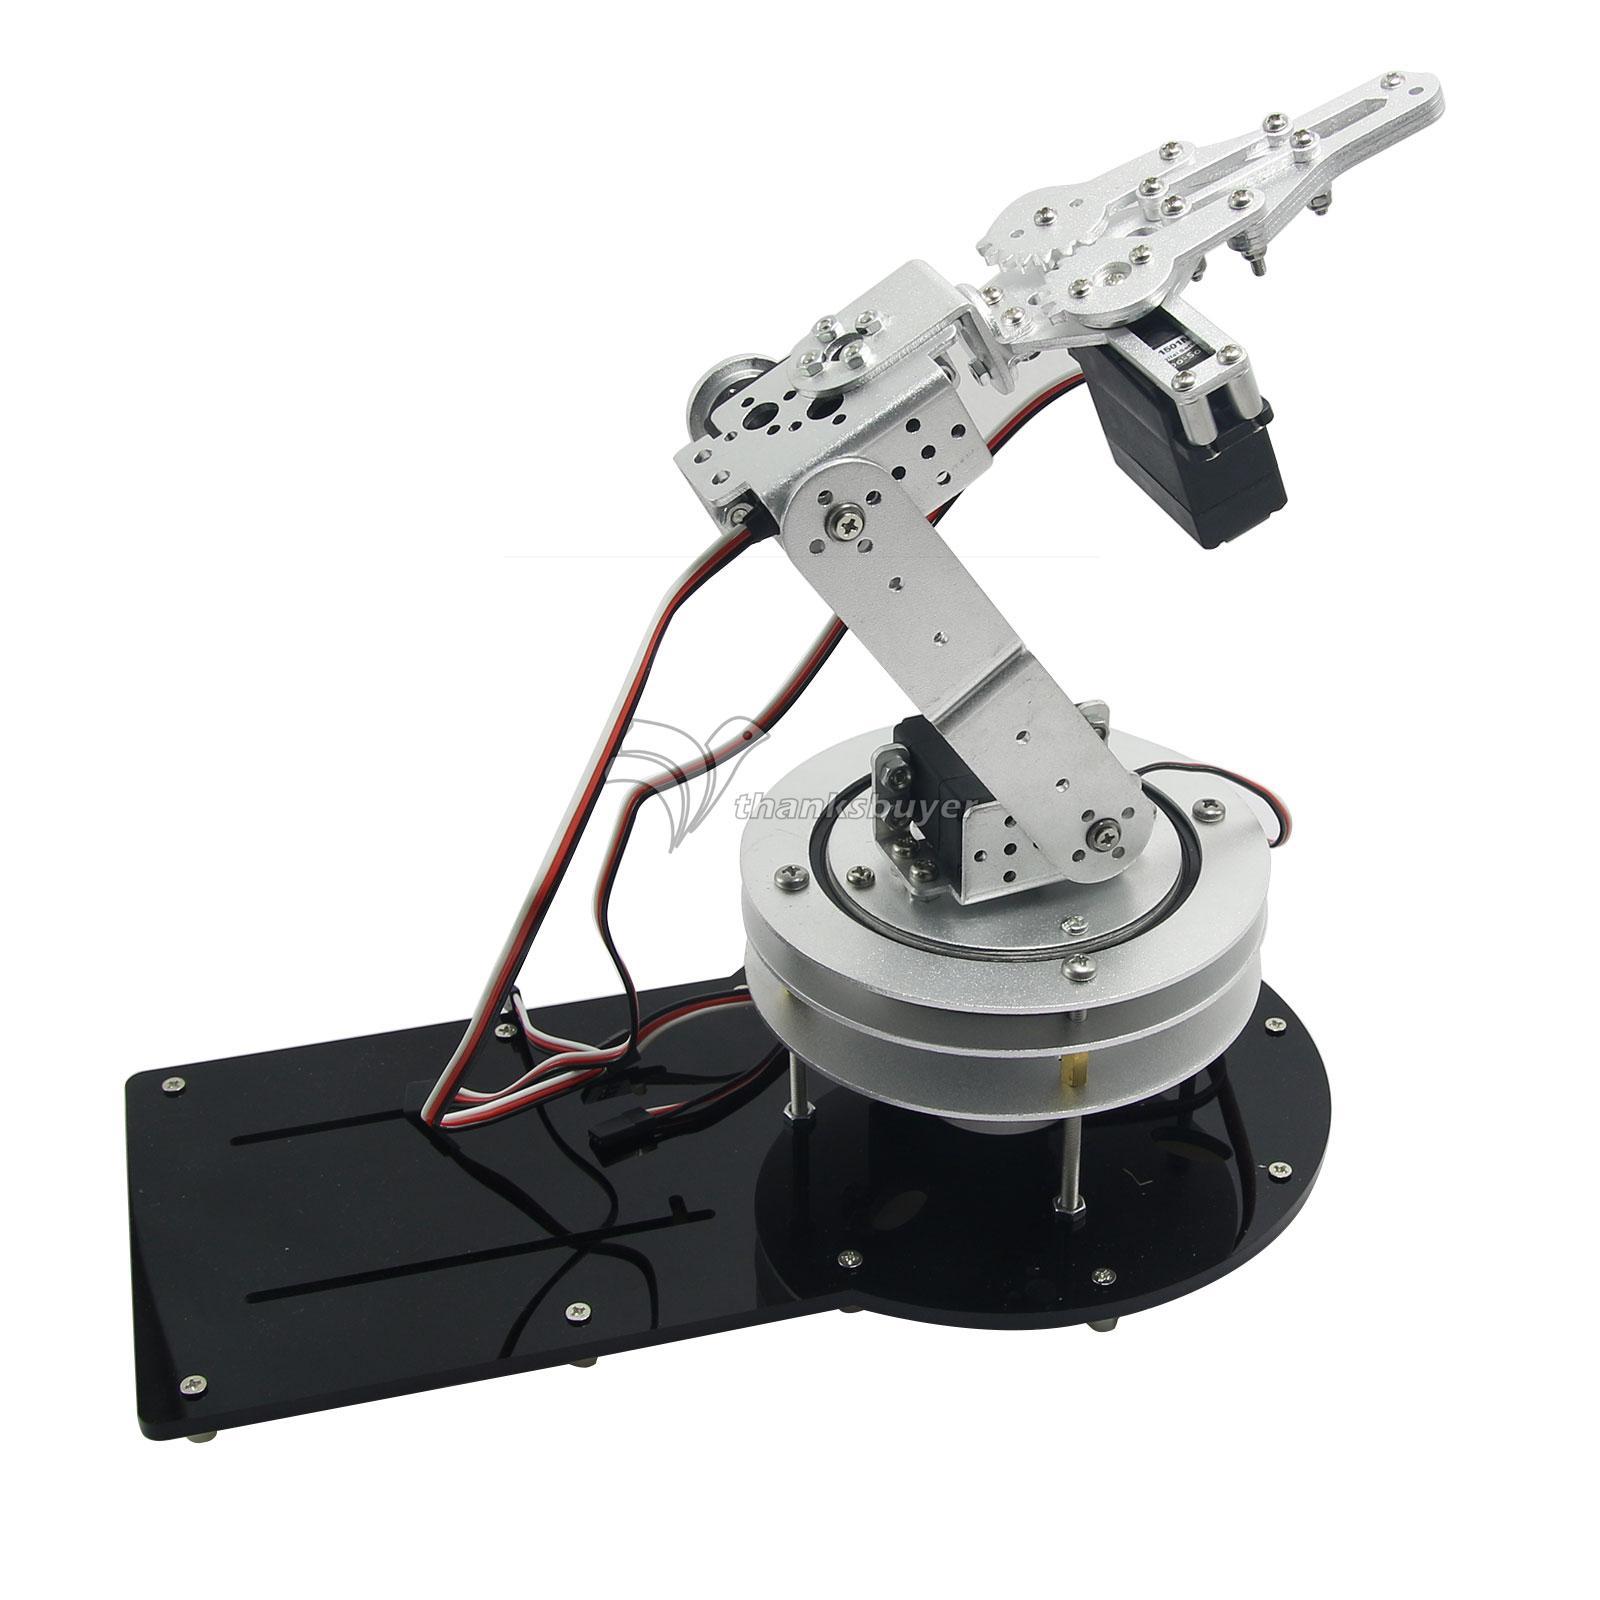 Estrutura de Metal Titular Braço Mecânico montado 4DOF Rotating Bracket com  LD-1501MG Servo para Robô 6ca015bc3be